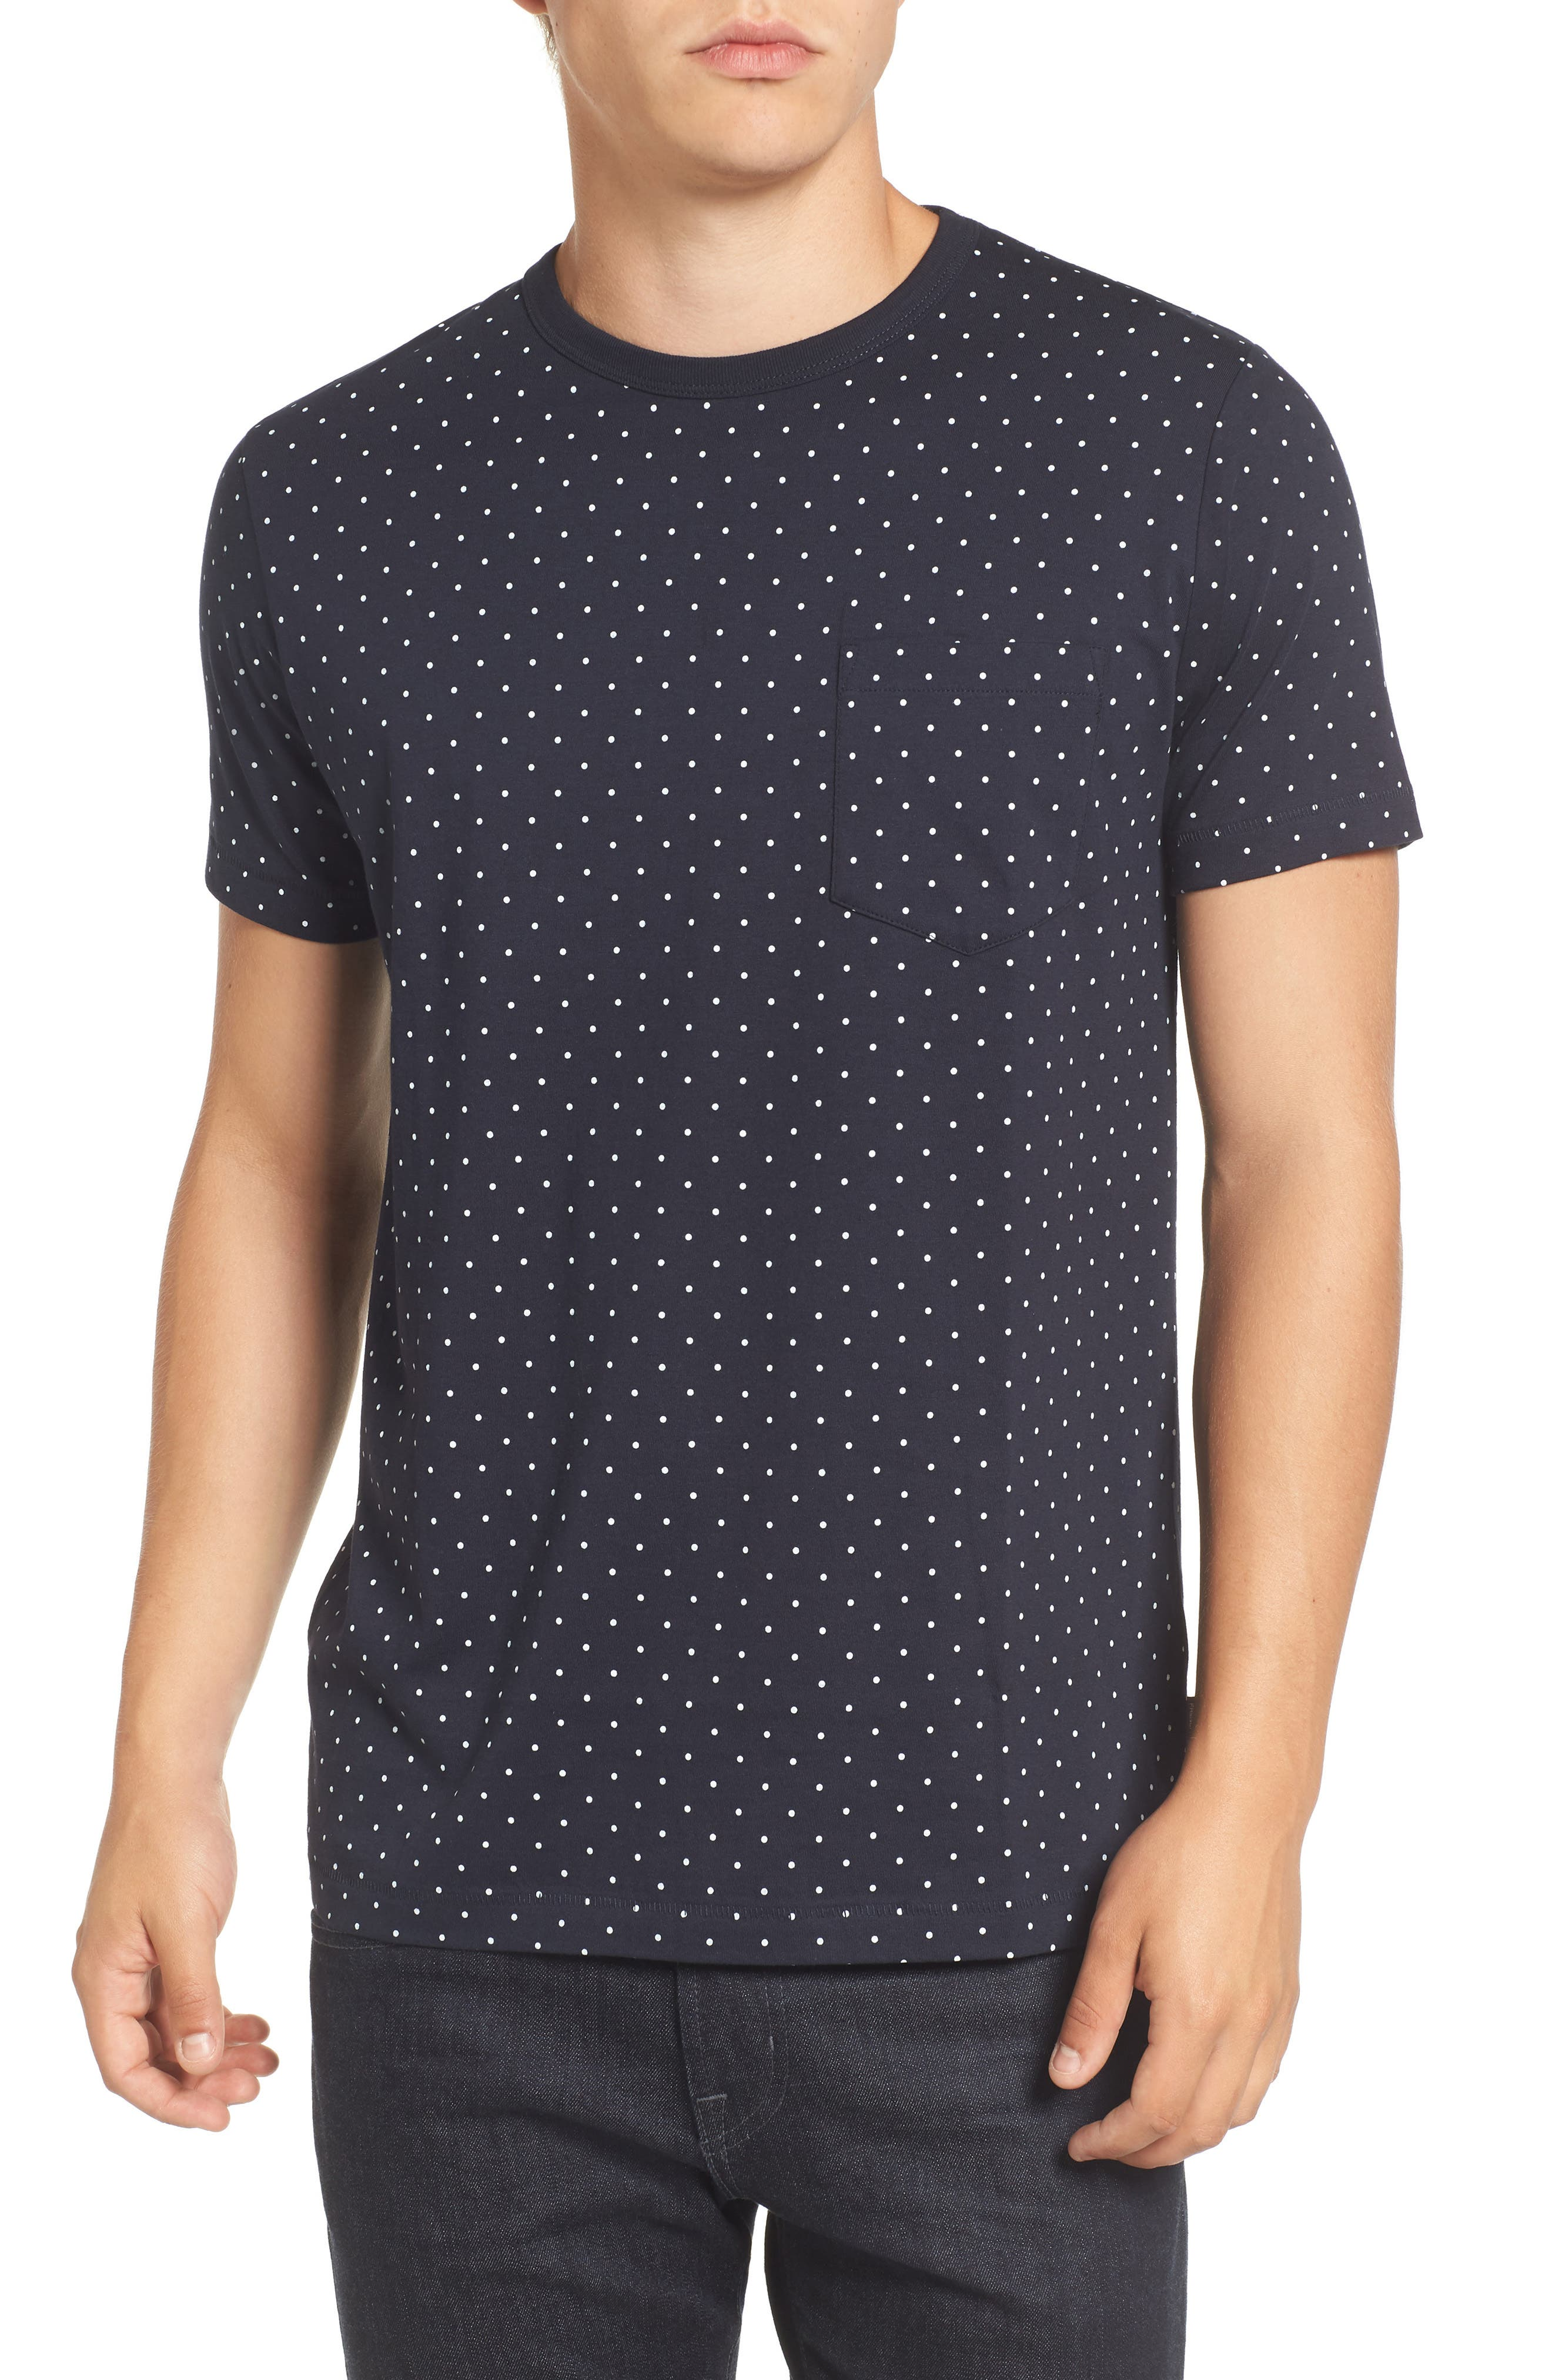 Spot Crewneck T-Shirt,                             Main thumbnail 1, color,                             Marine Blue White